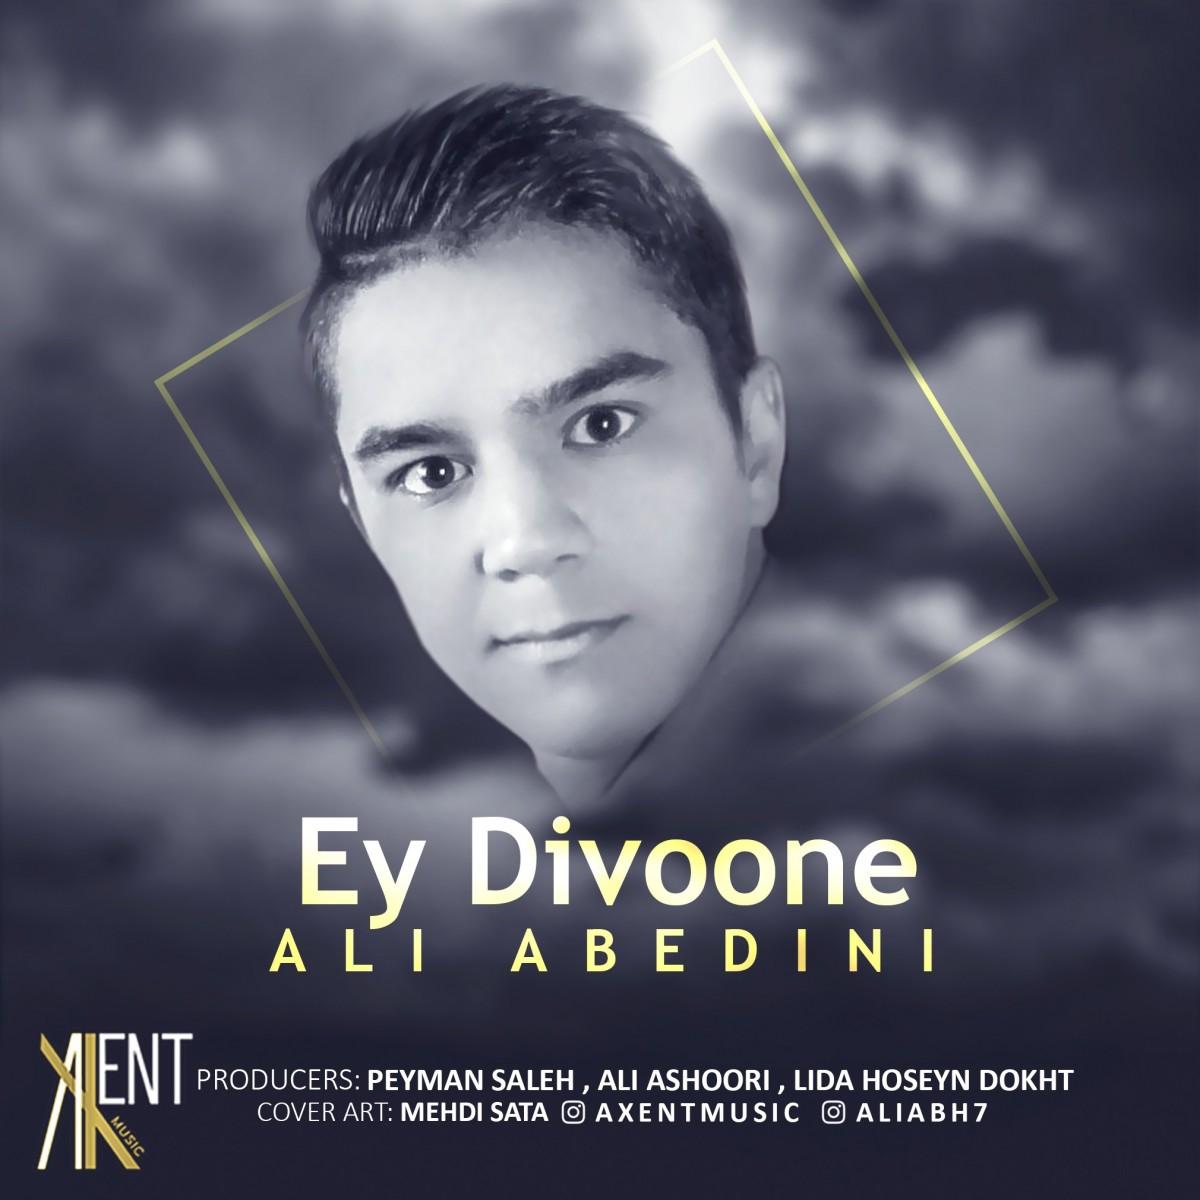 نامبر وان موزیک   دانلود آهنگ جدید Ali-Abedini-Ey-Divoone